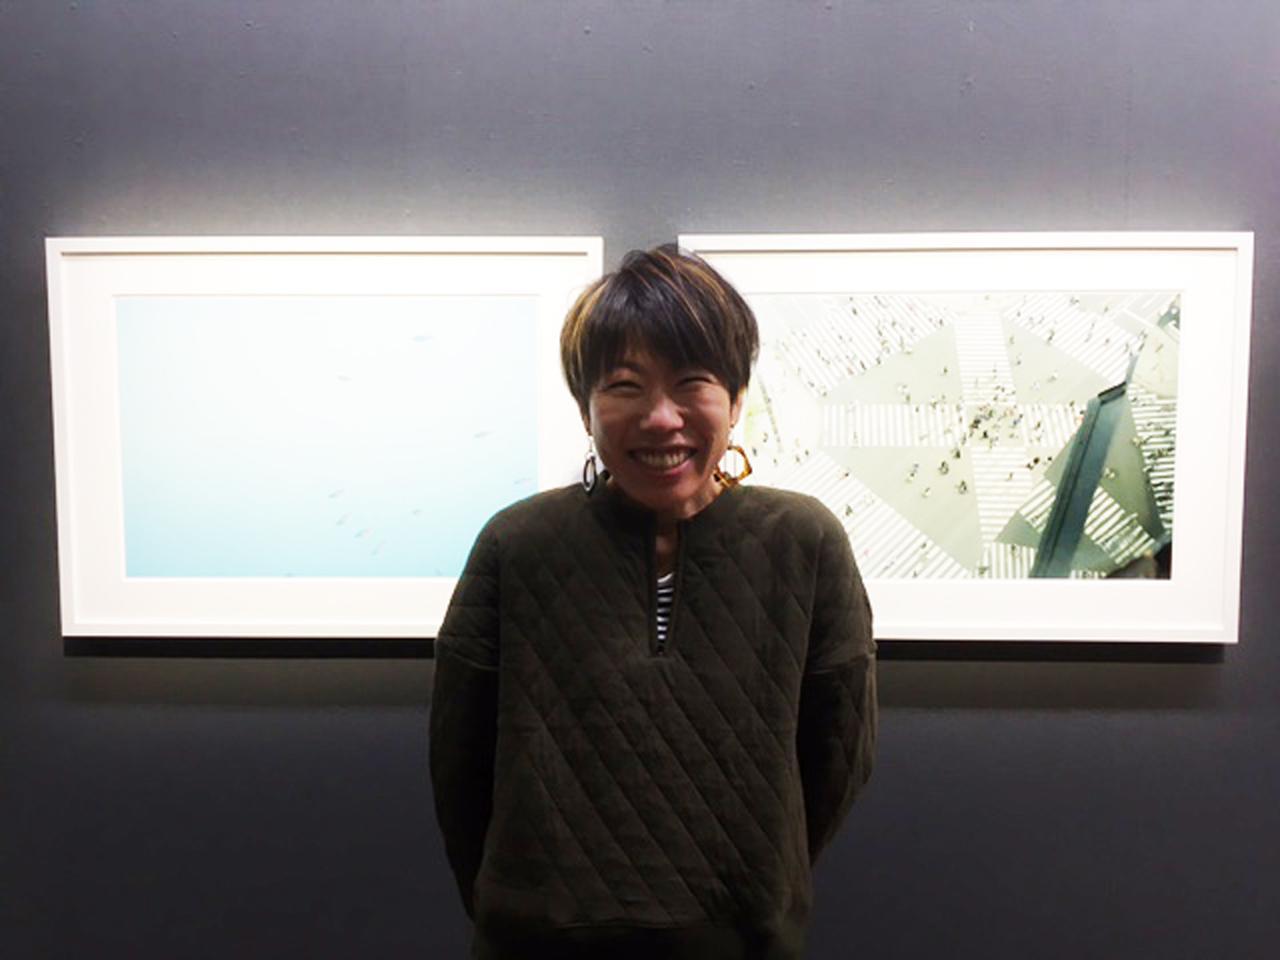 画像2: 島田真希写真展『人人人 I'M HERE』。2年ぶりとなる個展は人にフィーチャーしたものとなりました。